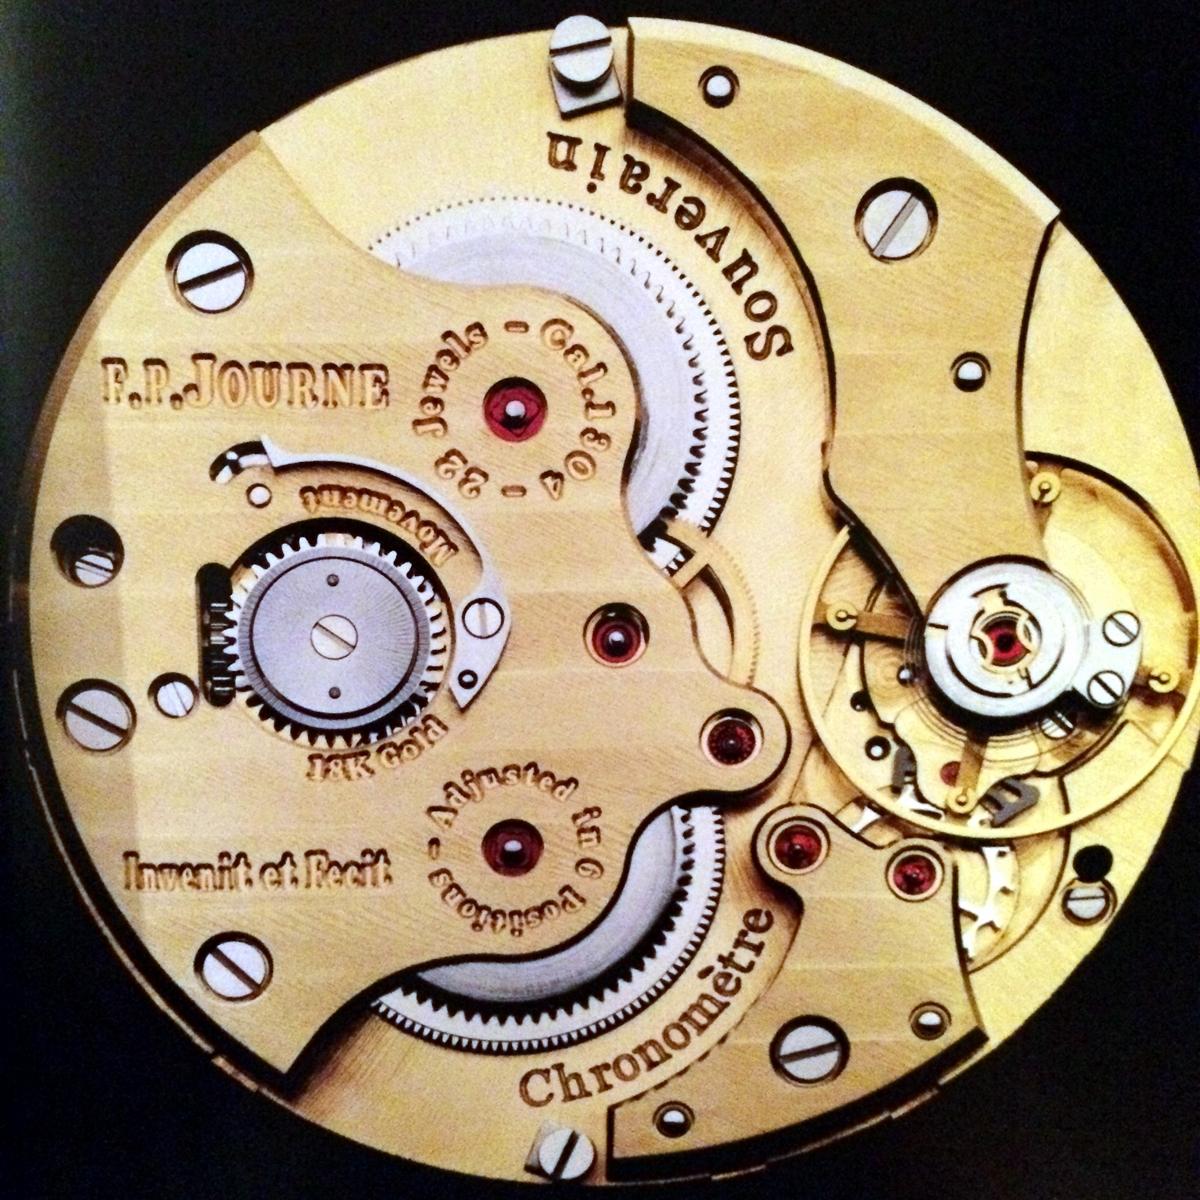 12 luxurious_watch_design_clockworks_construction_luksusowe_zegarki_mechanizm_projektowanie_lifestyle